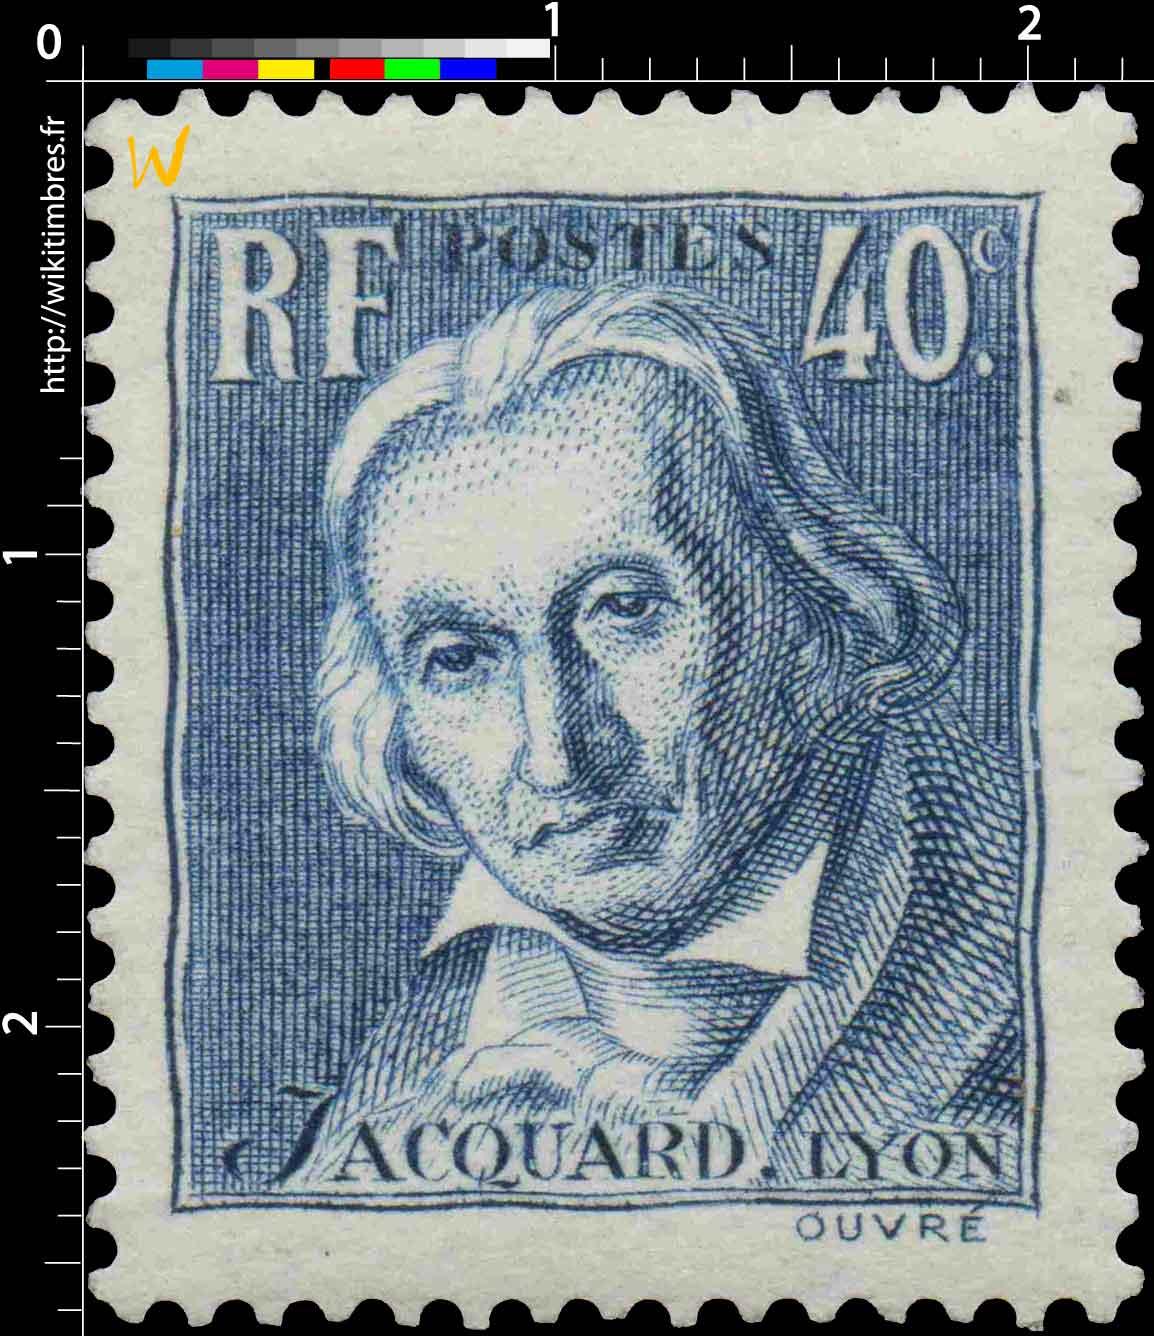 JACQUARD LYON